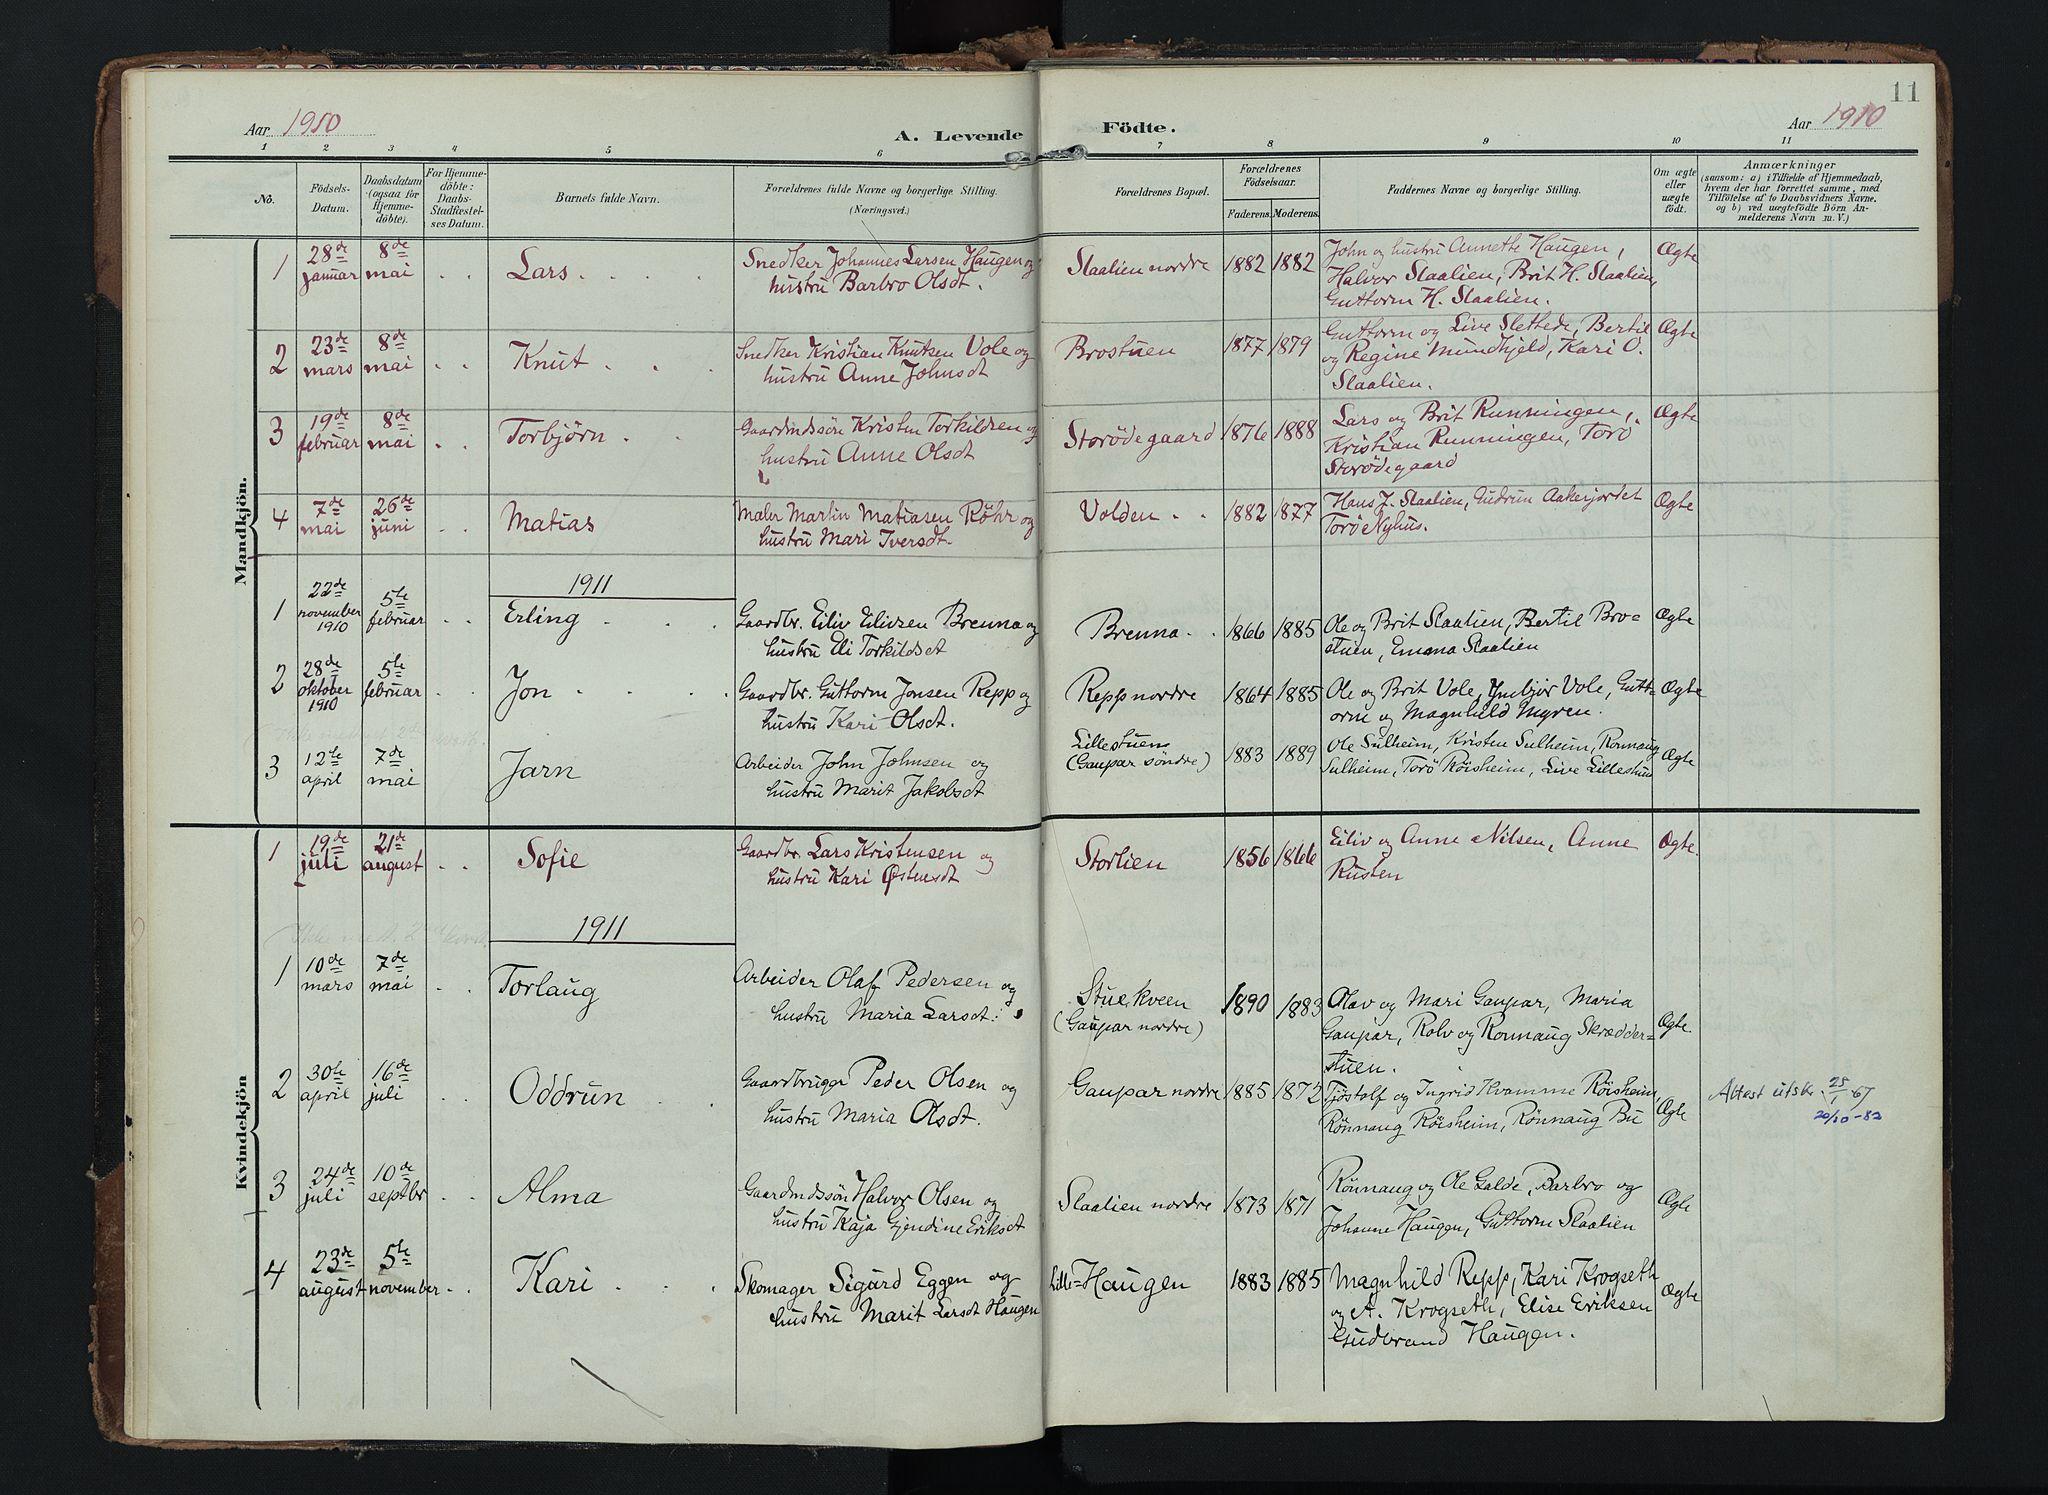 SAH, Lom prestekontor, K/L0012: Ministerialbok nr. 12, 1904-1928, s. 11